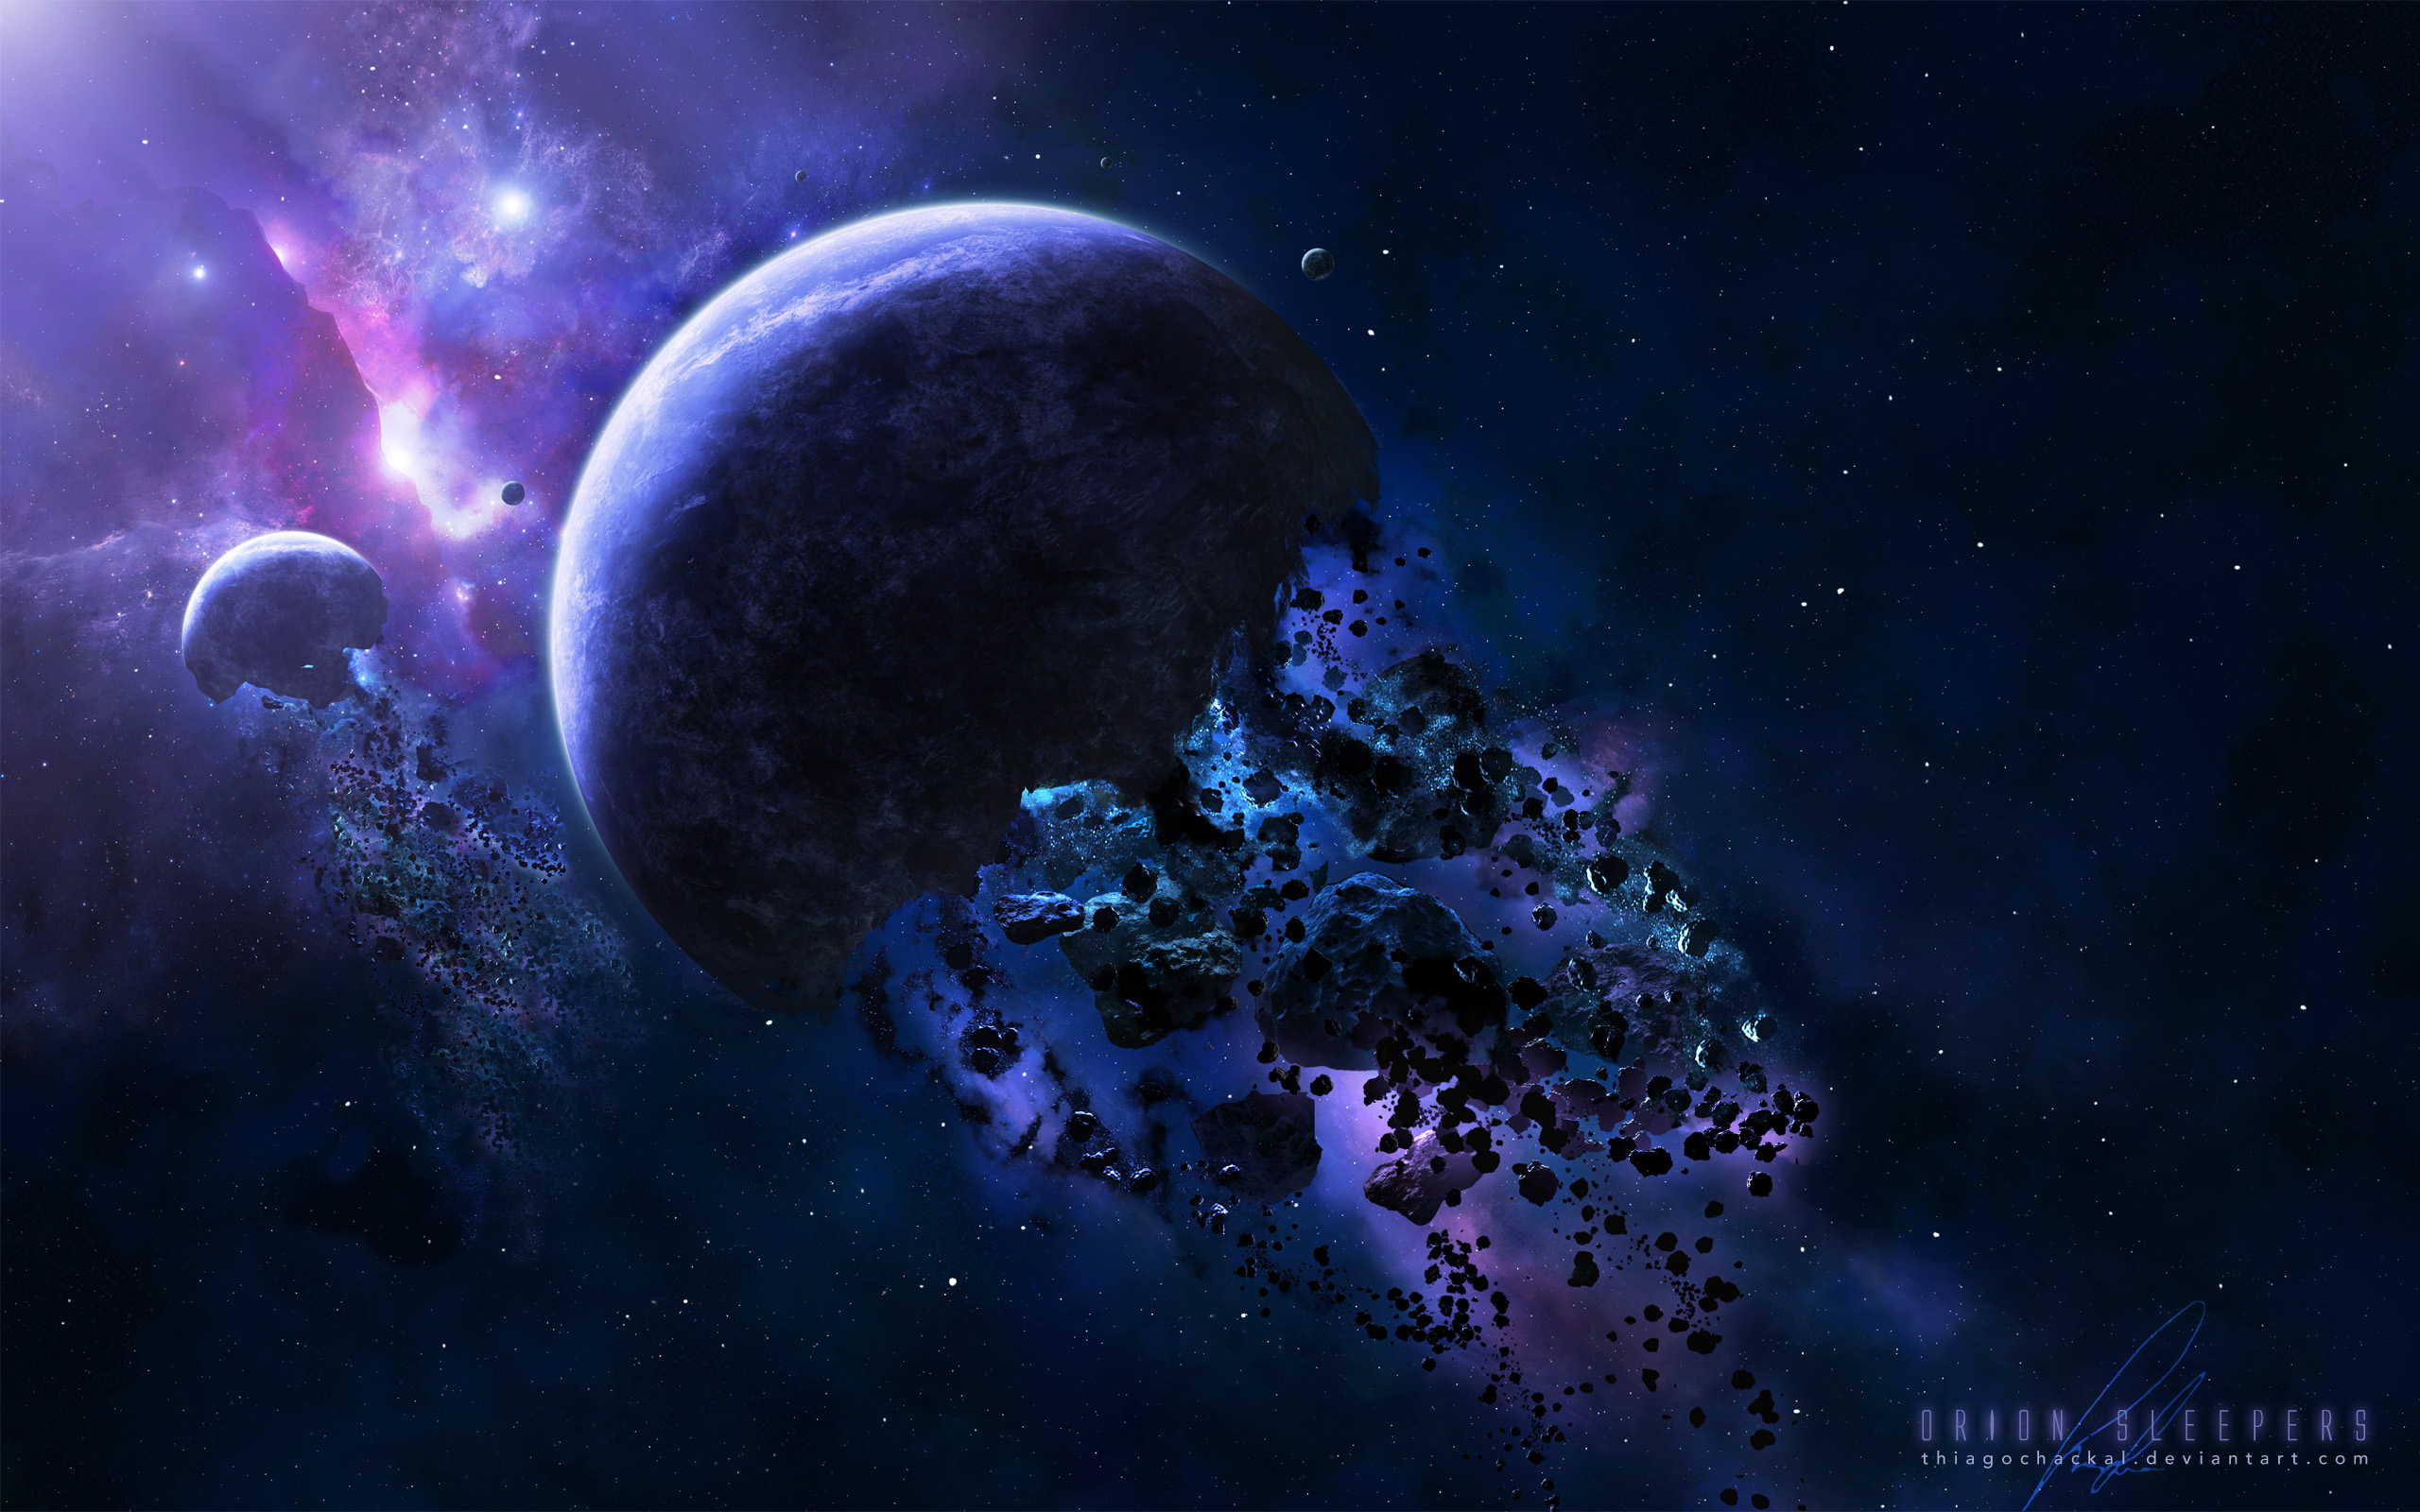 Обои Темная планета картинки на рабочий стол на тему Космос - скачать  № 1763007  скачать